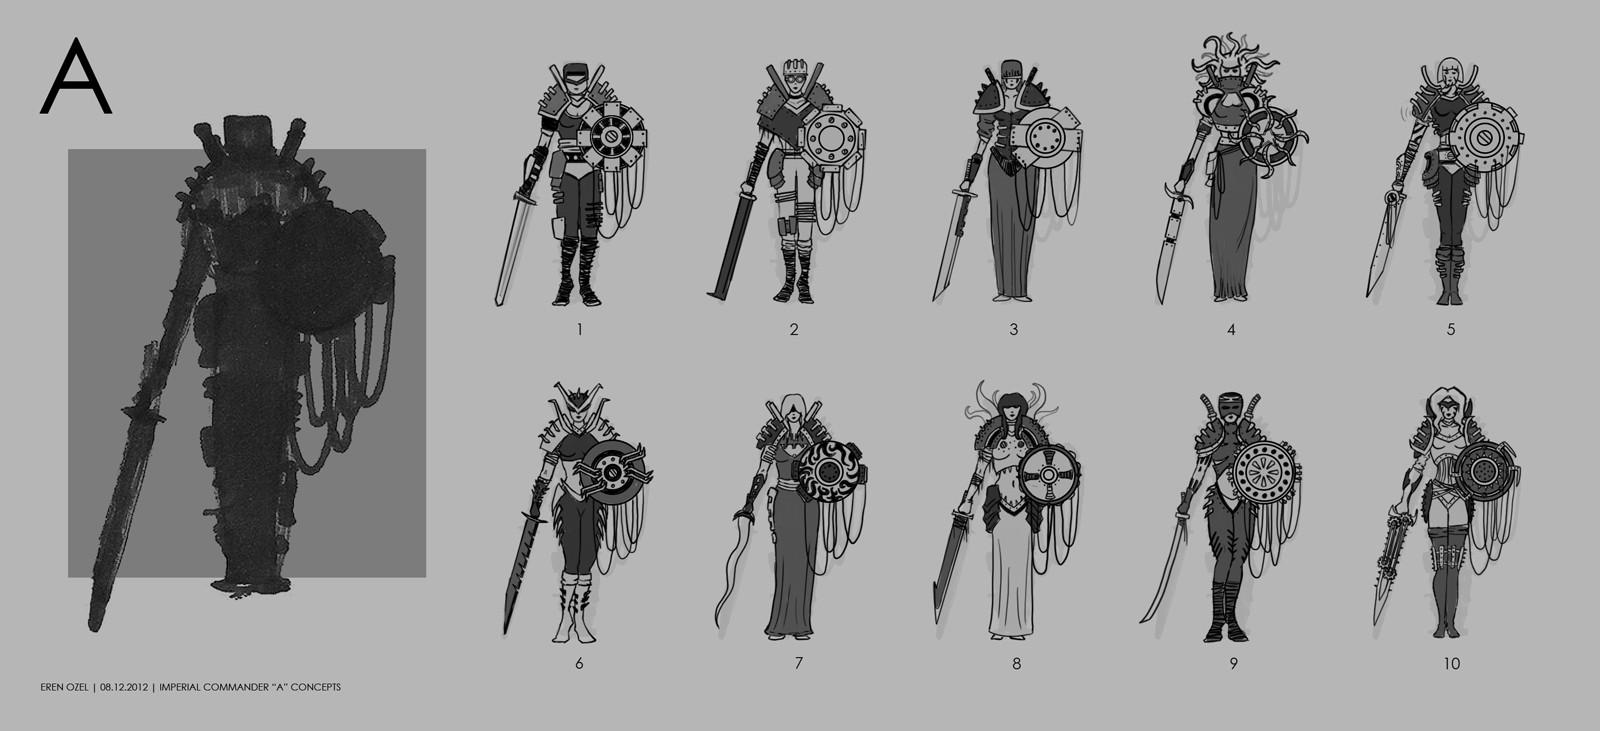 Eren ozel imperial commanders concepts a 1600x731